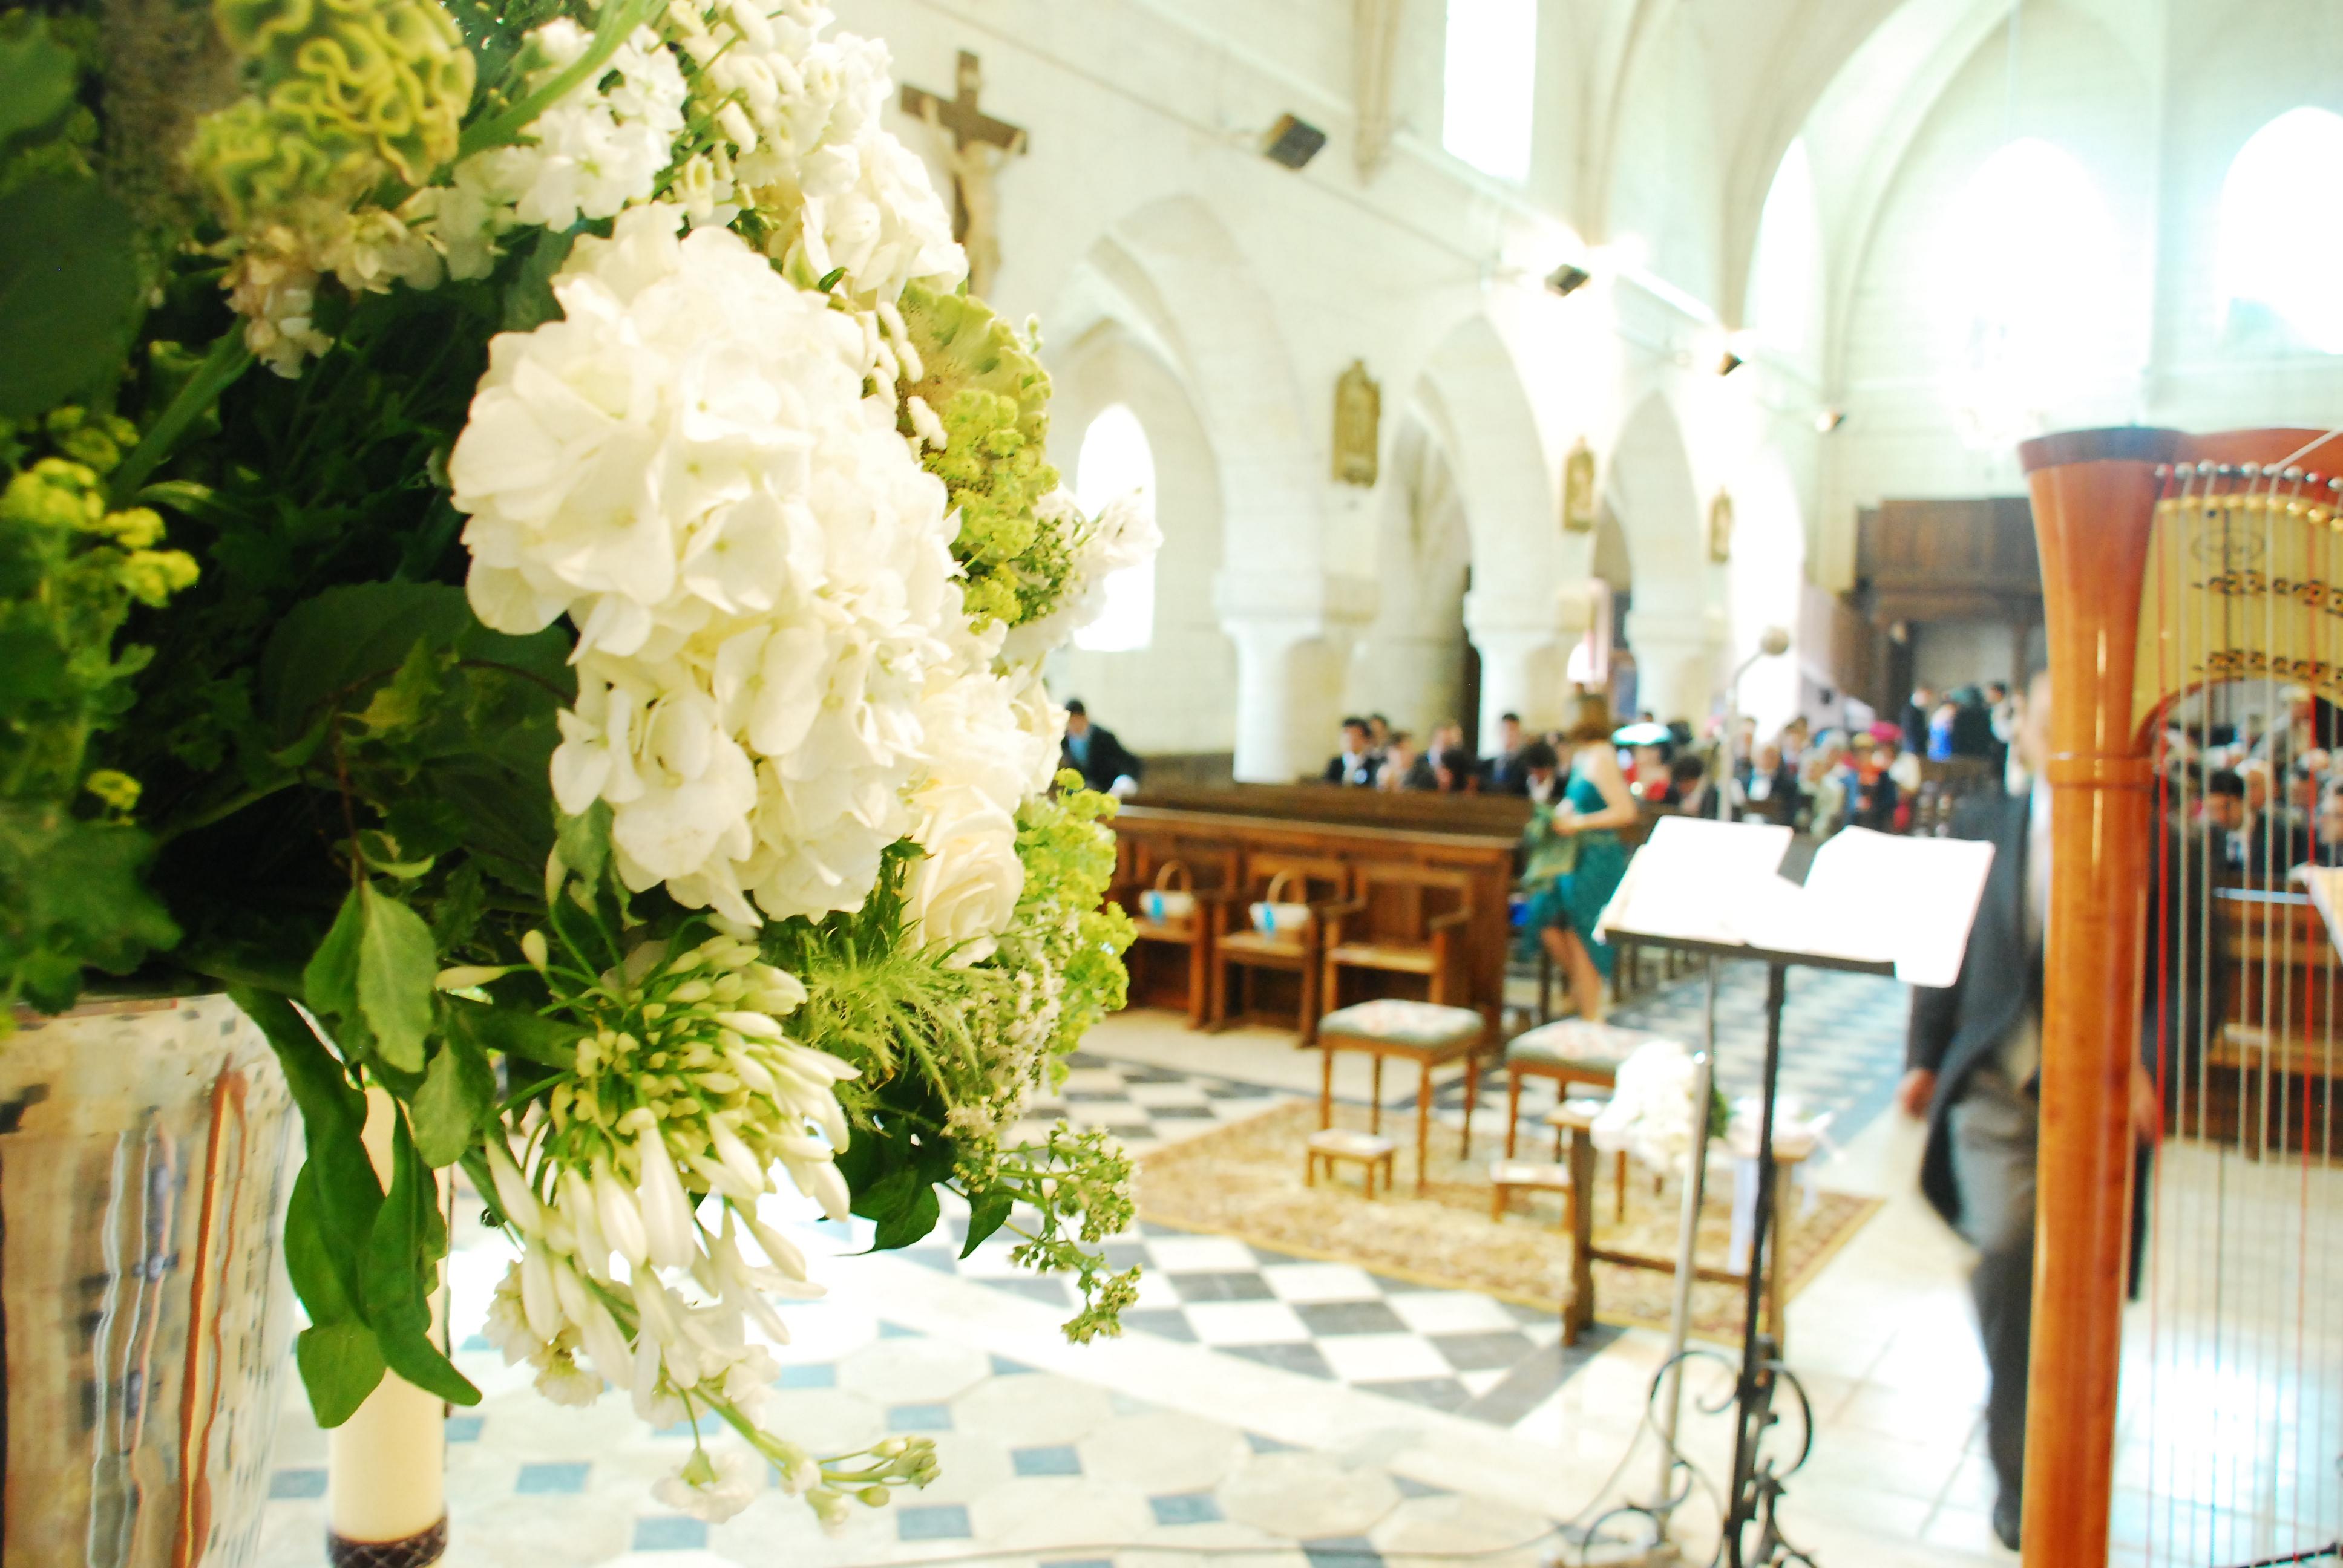 jolie messe de mariage - Chant De Louange Mariage